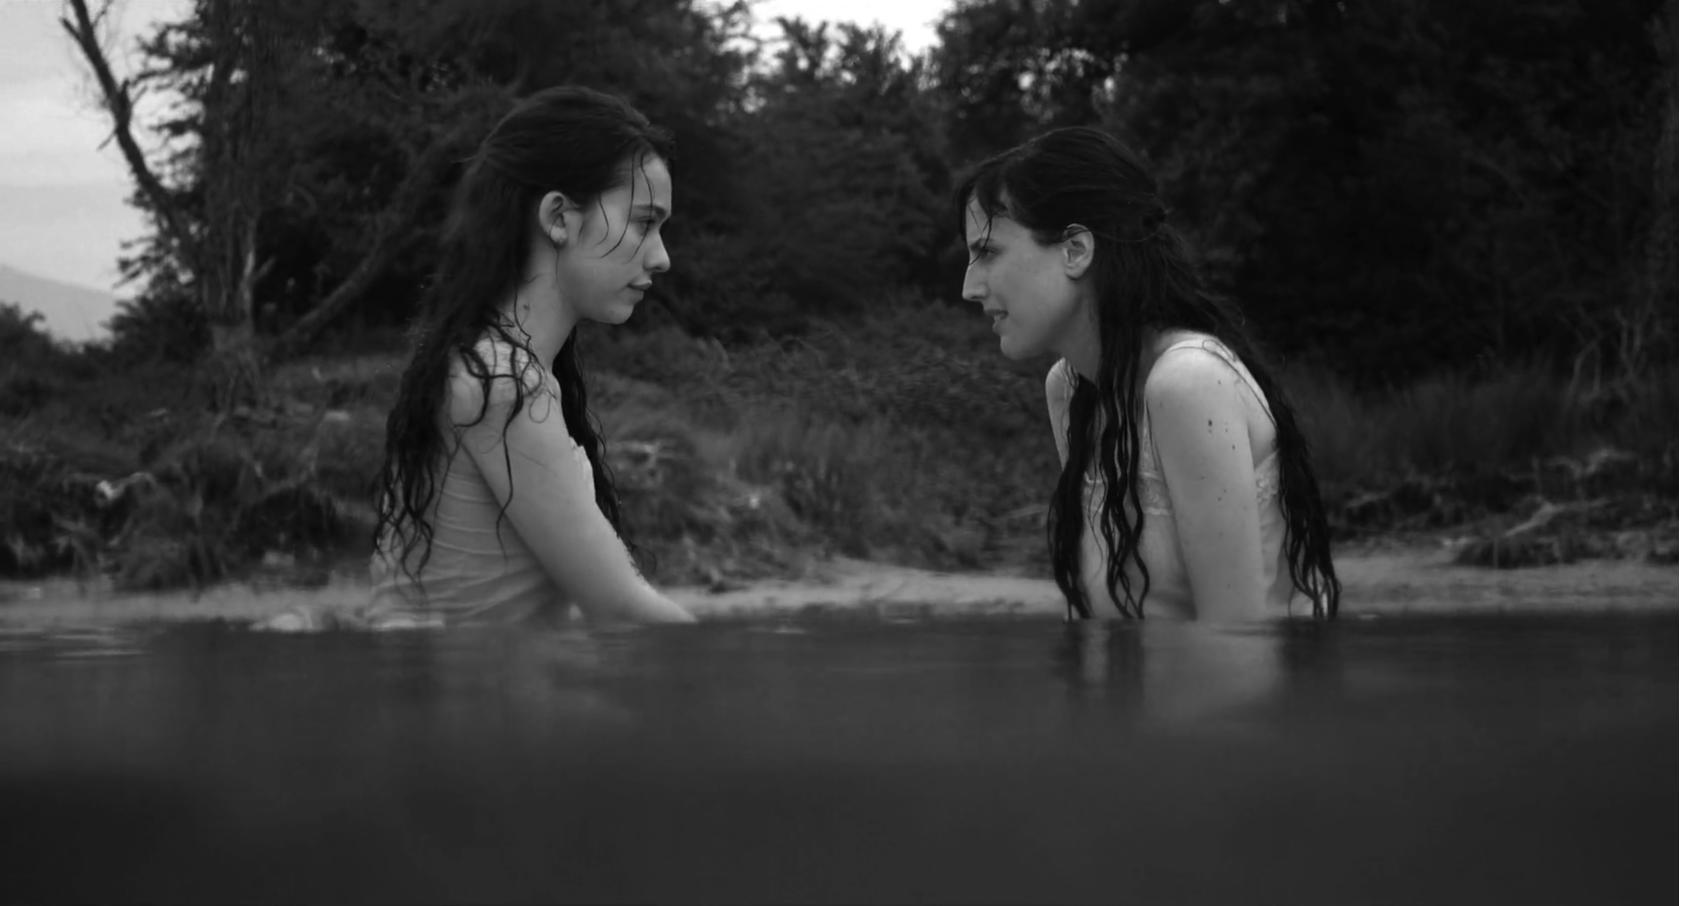 Elisa & Marcela (2019) - Photo Gallery - IMDb